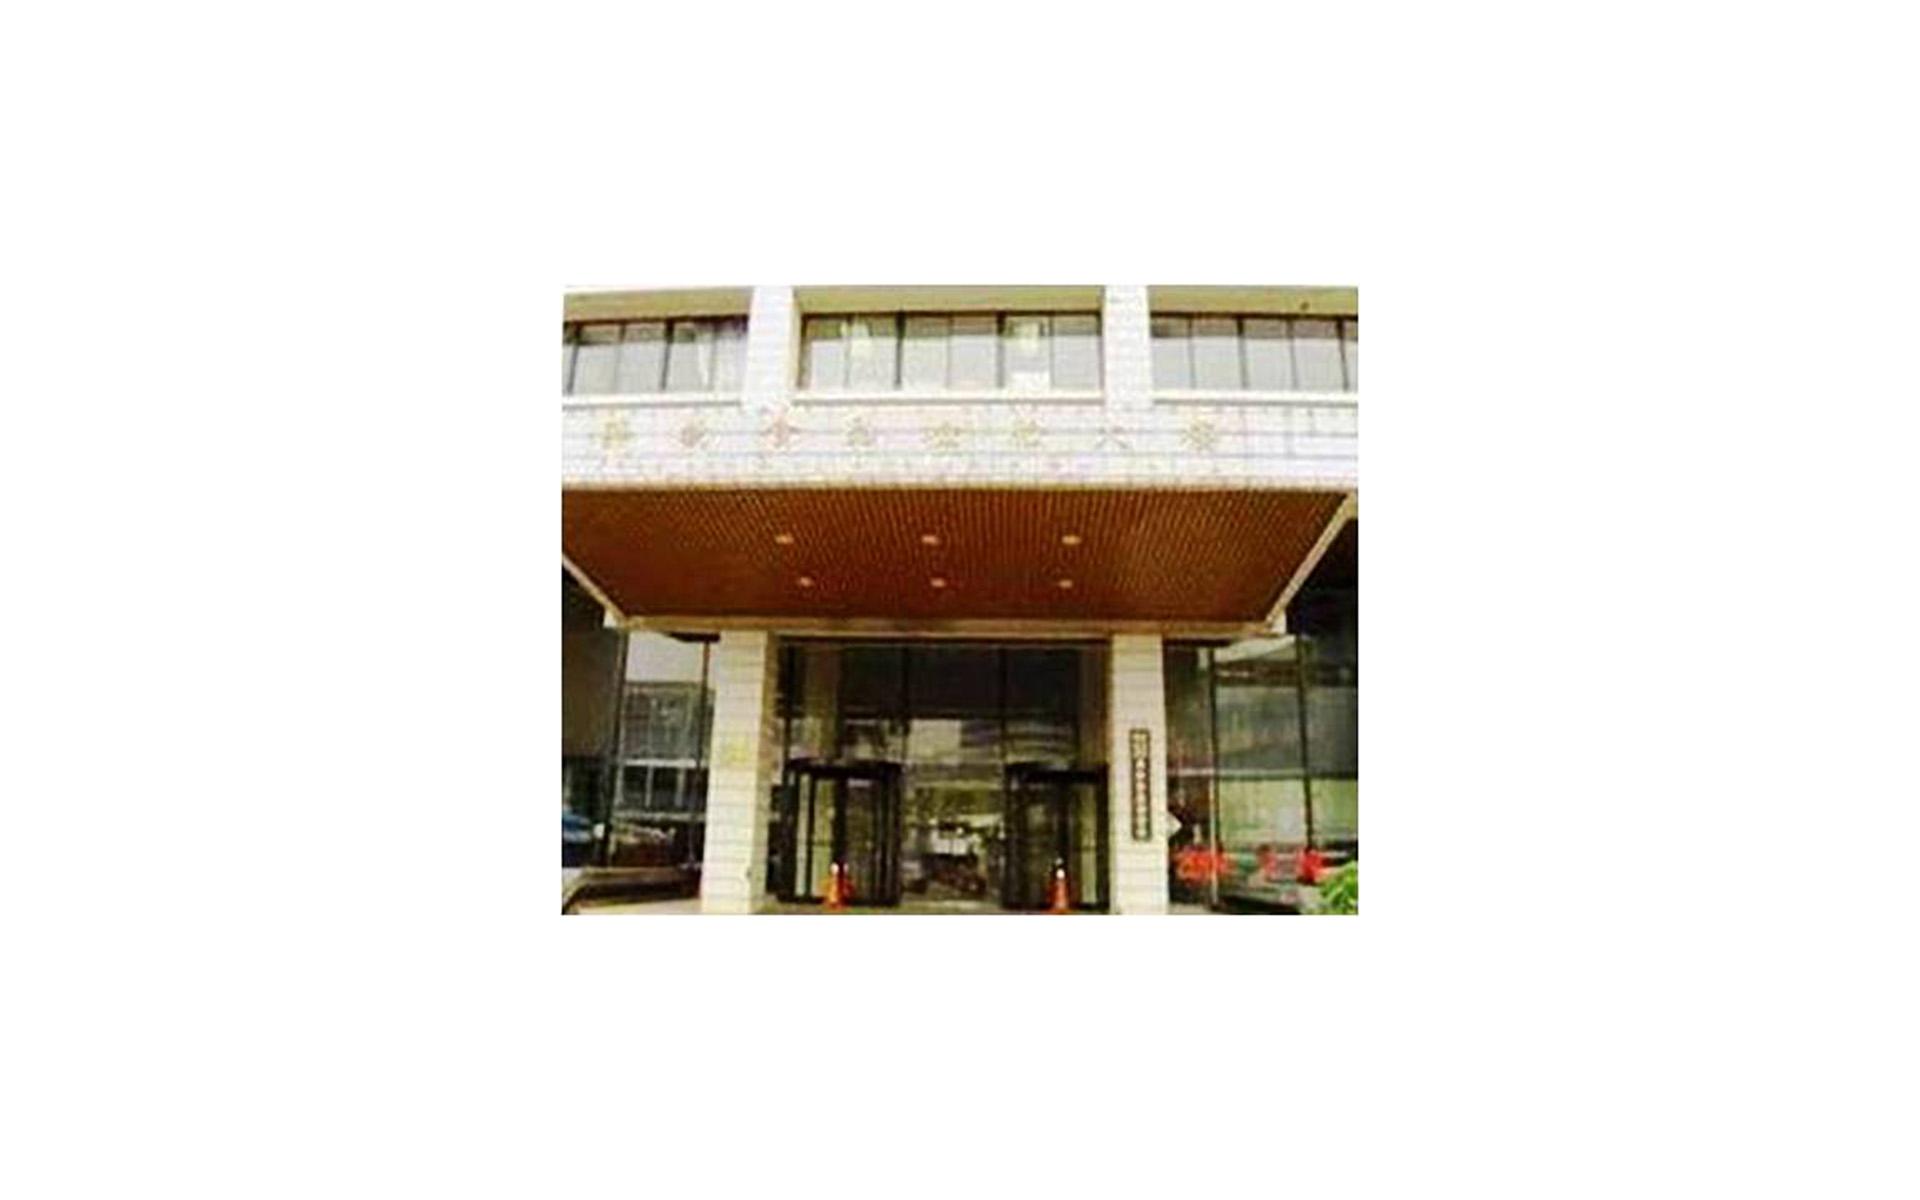 南港衛生署藥物食品檢驗大樓